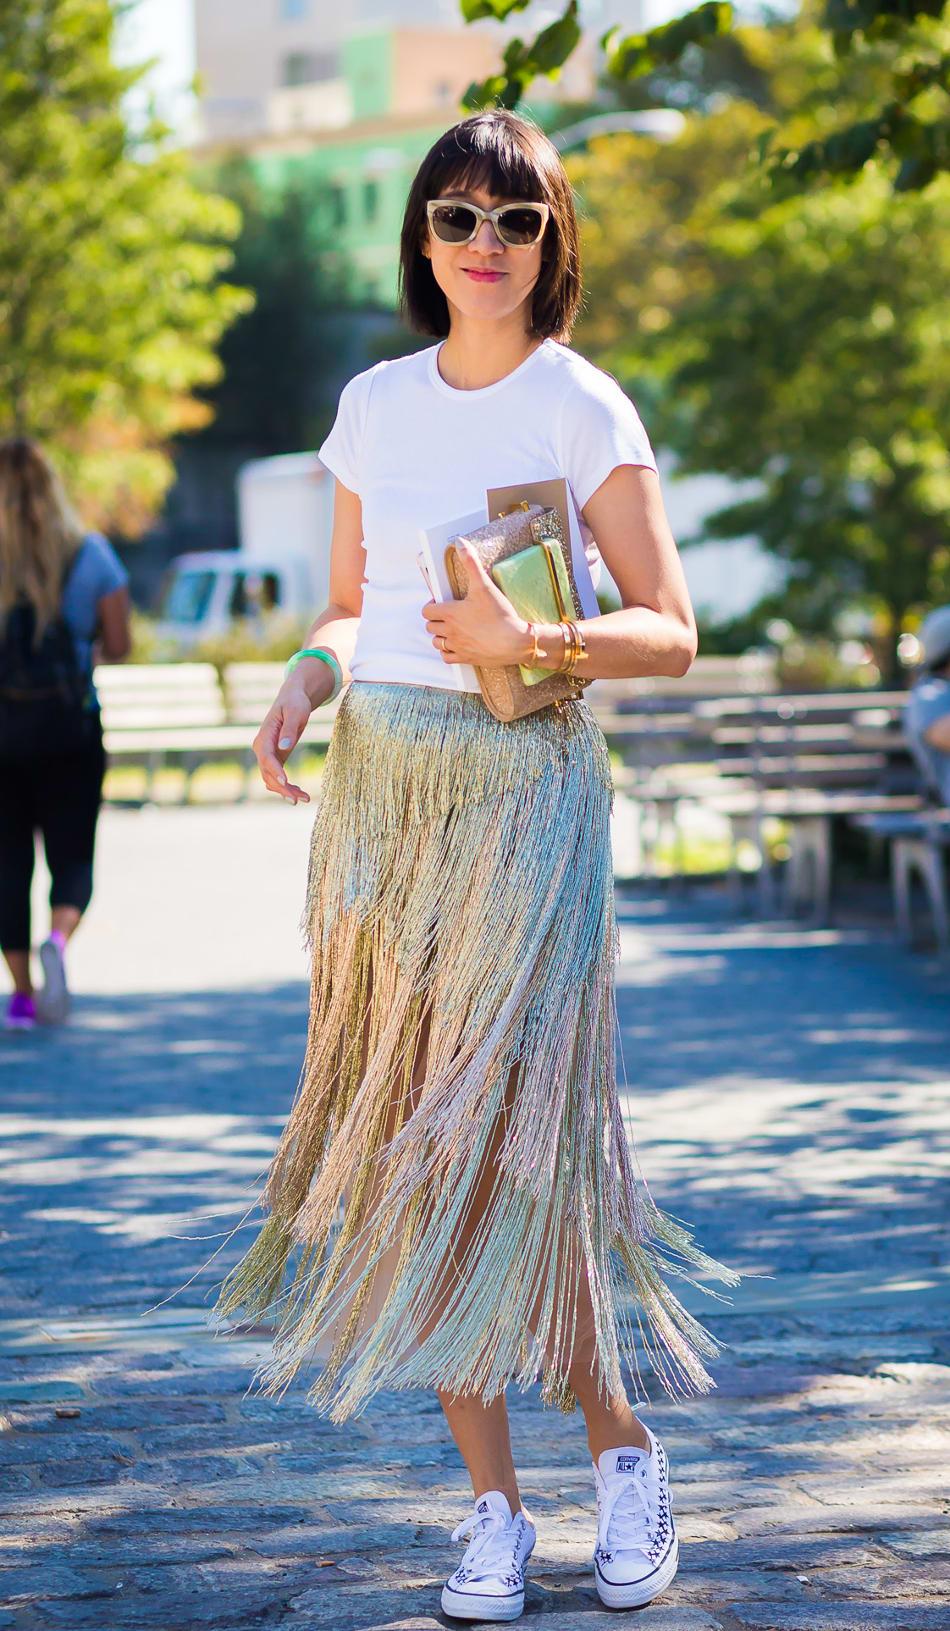 Foto de street style mostrando como usar a saia de gala no dia a dia com tênis branco.